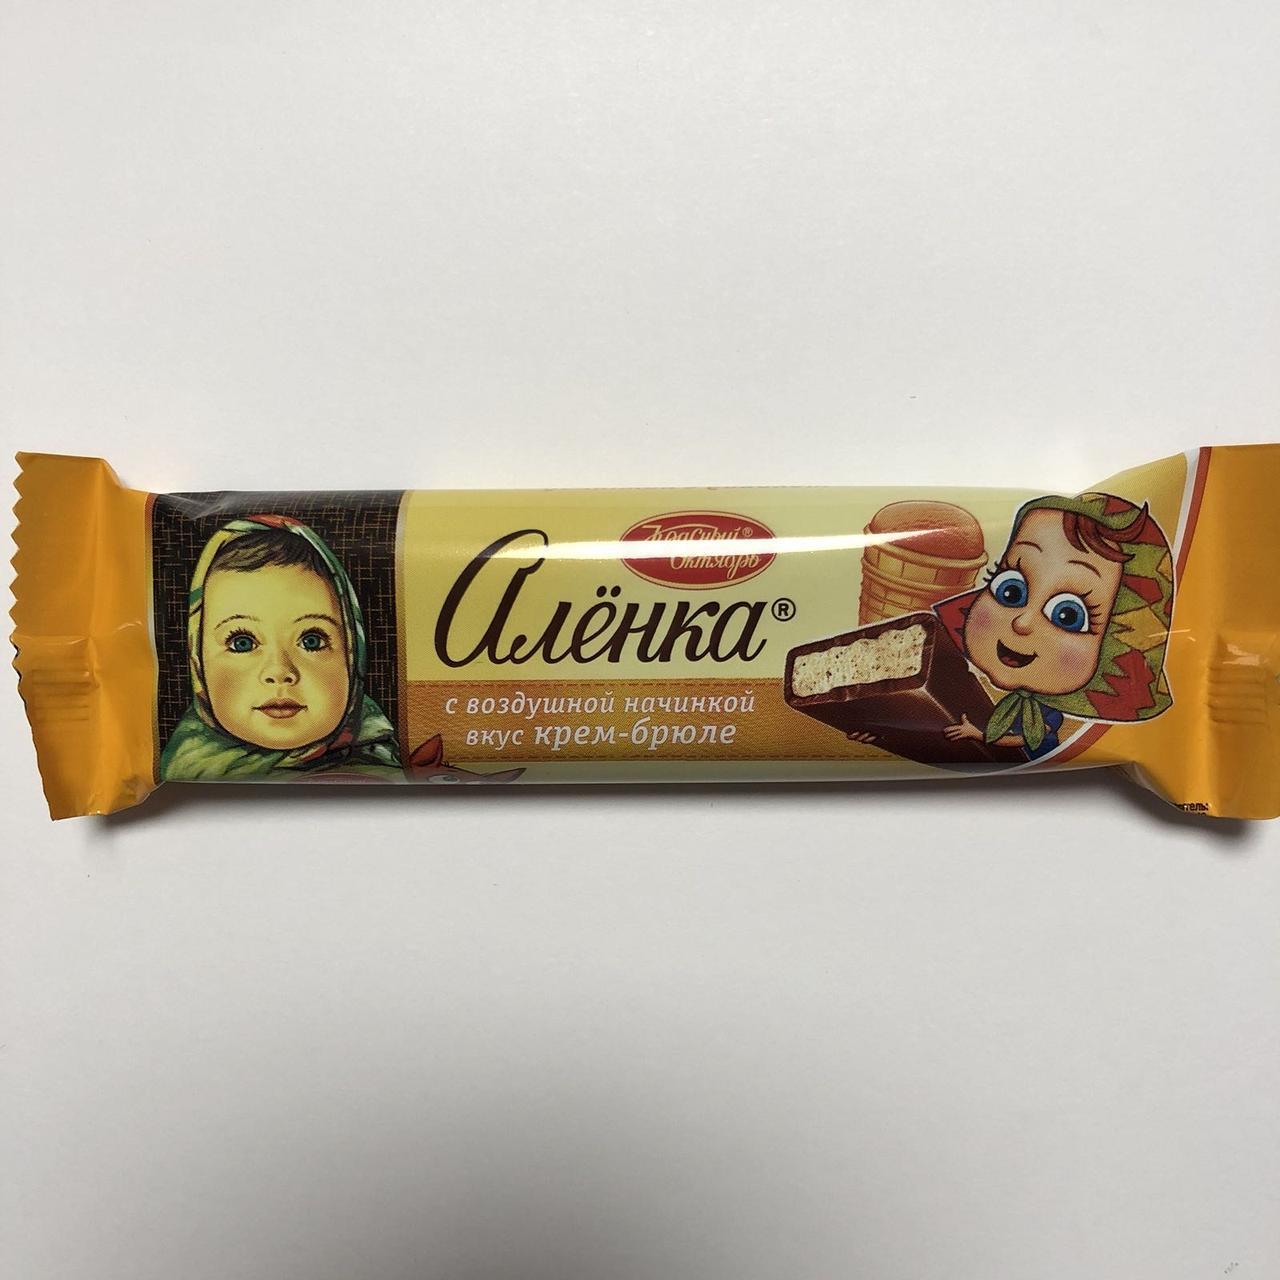 Батончик шоколадный молочный «Алёнка» крем-брюле, фабрика «Красный Октябрь», 42 г.